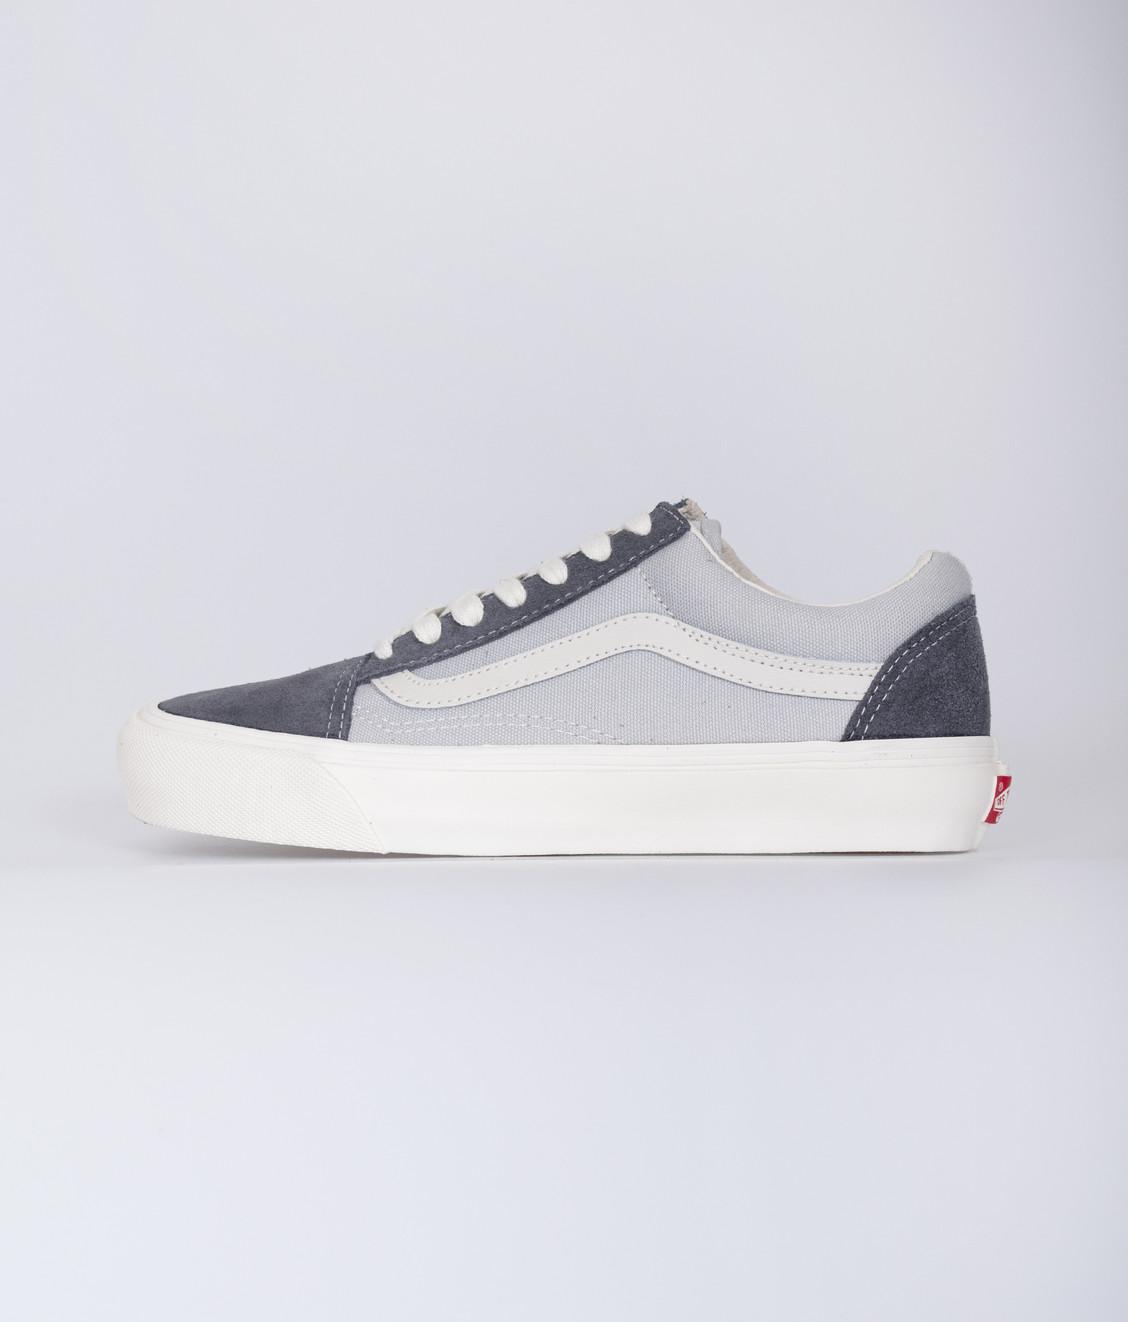 Vans Vans Vault Old Skool OG LX Light Grey